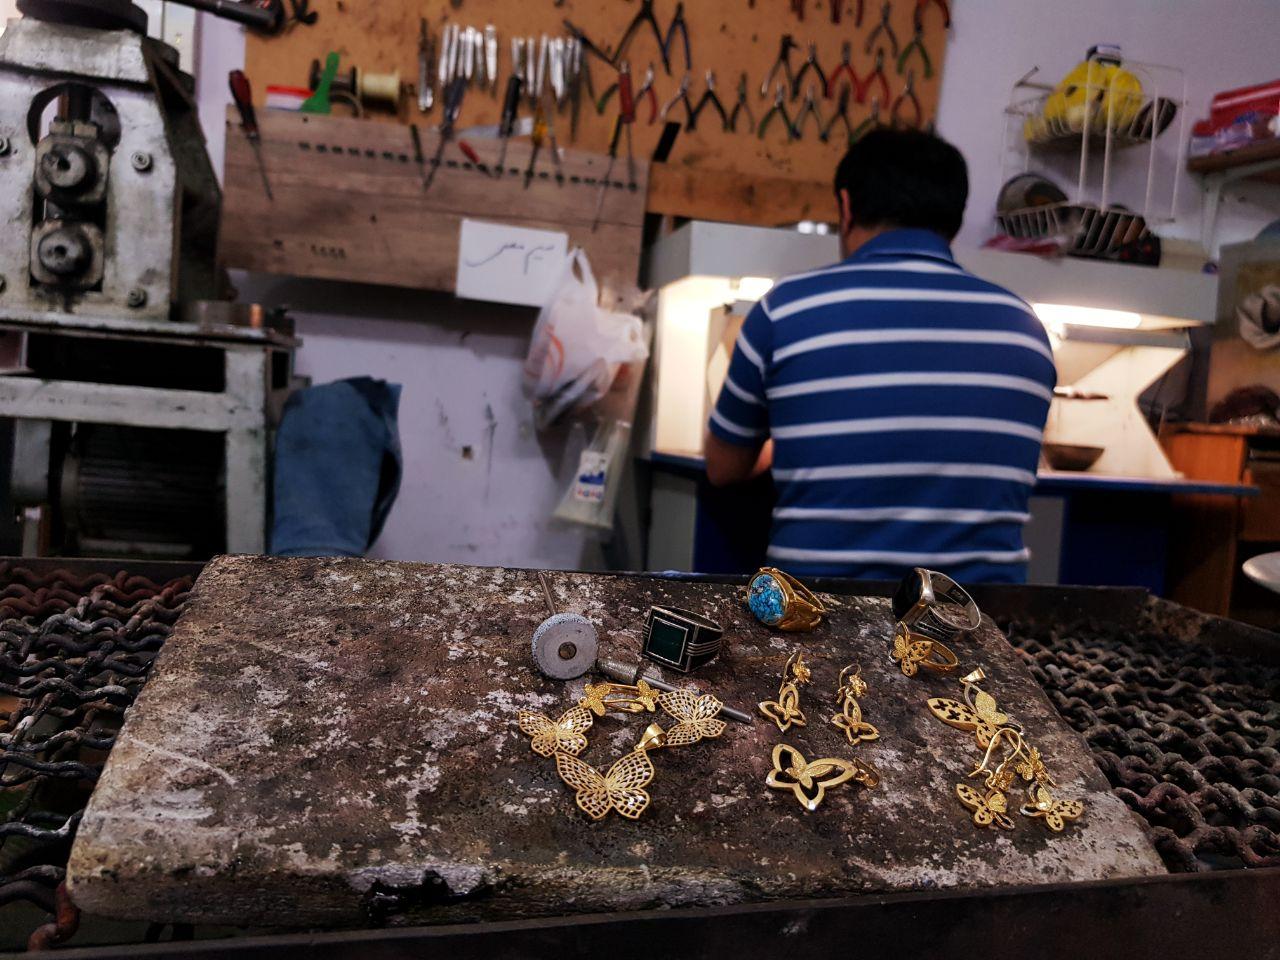 کارگاه ساخت طلا و جواهر